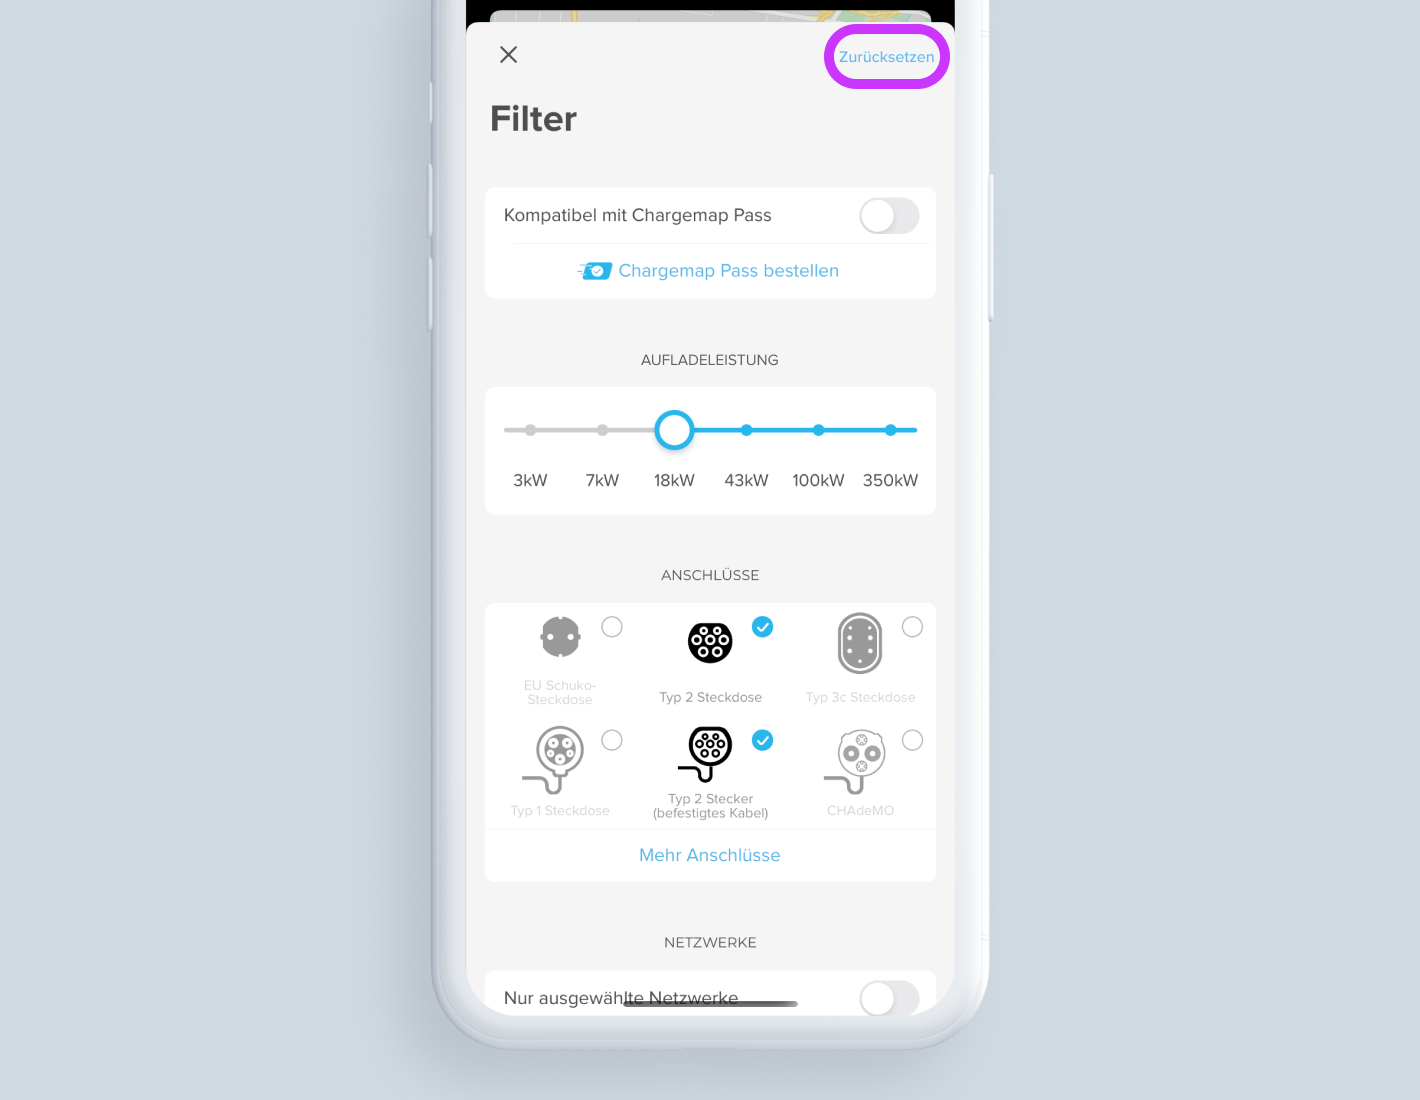 Ansicht des Filterbildschirms der Chargemap-App